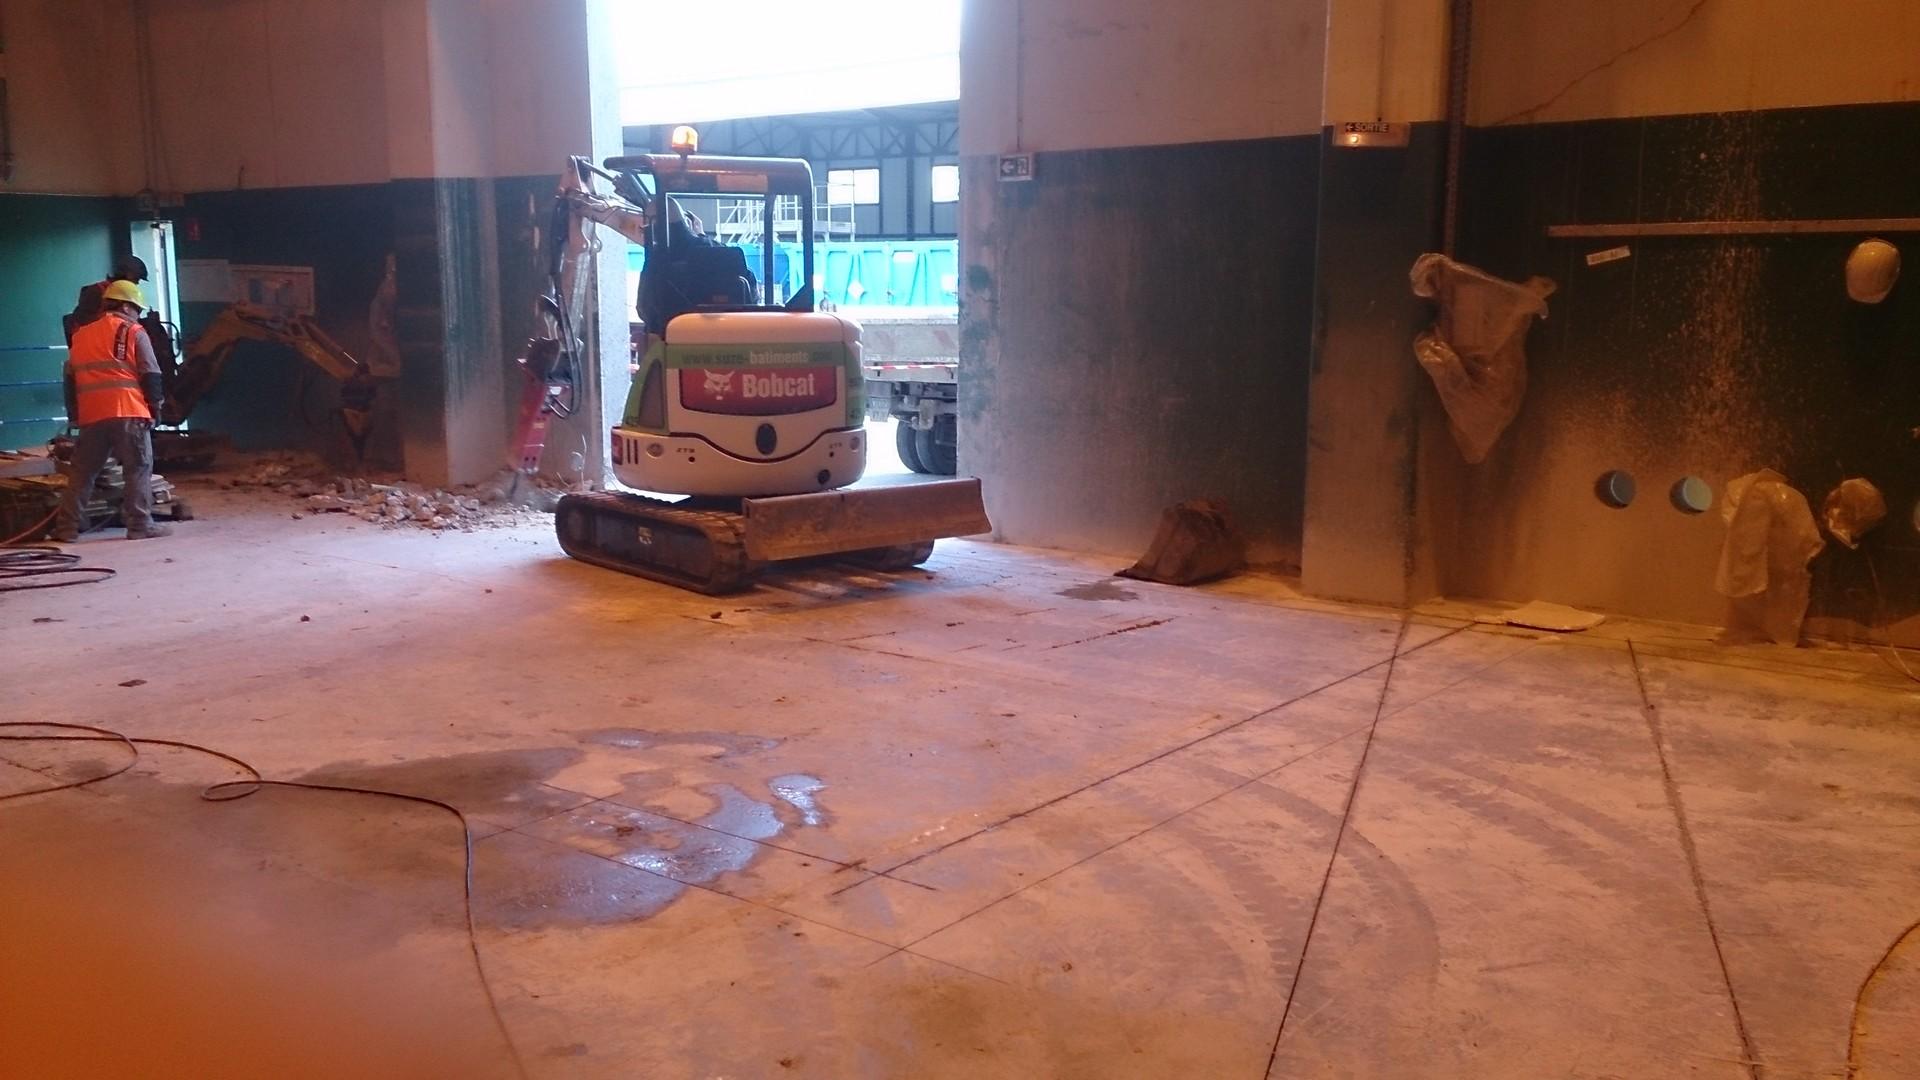 Ouverture et fermeture de voile béton et protection cablage et flexibleOuverture et fermeture de voile béton et protection cablage et flexible009